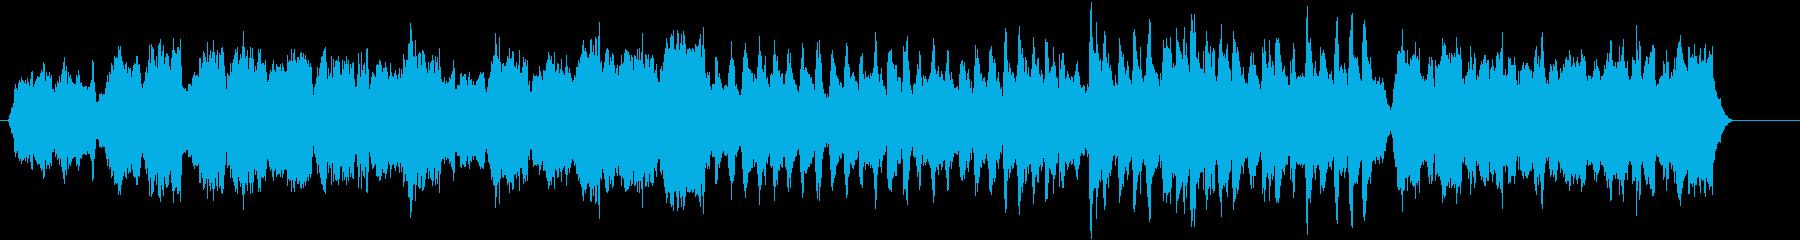 明るく上品で優雅なストリングス曲の再生済みの波形